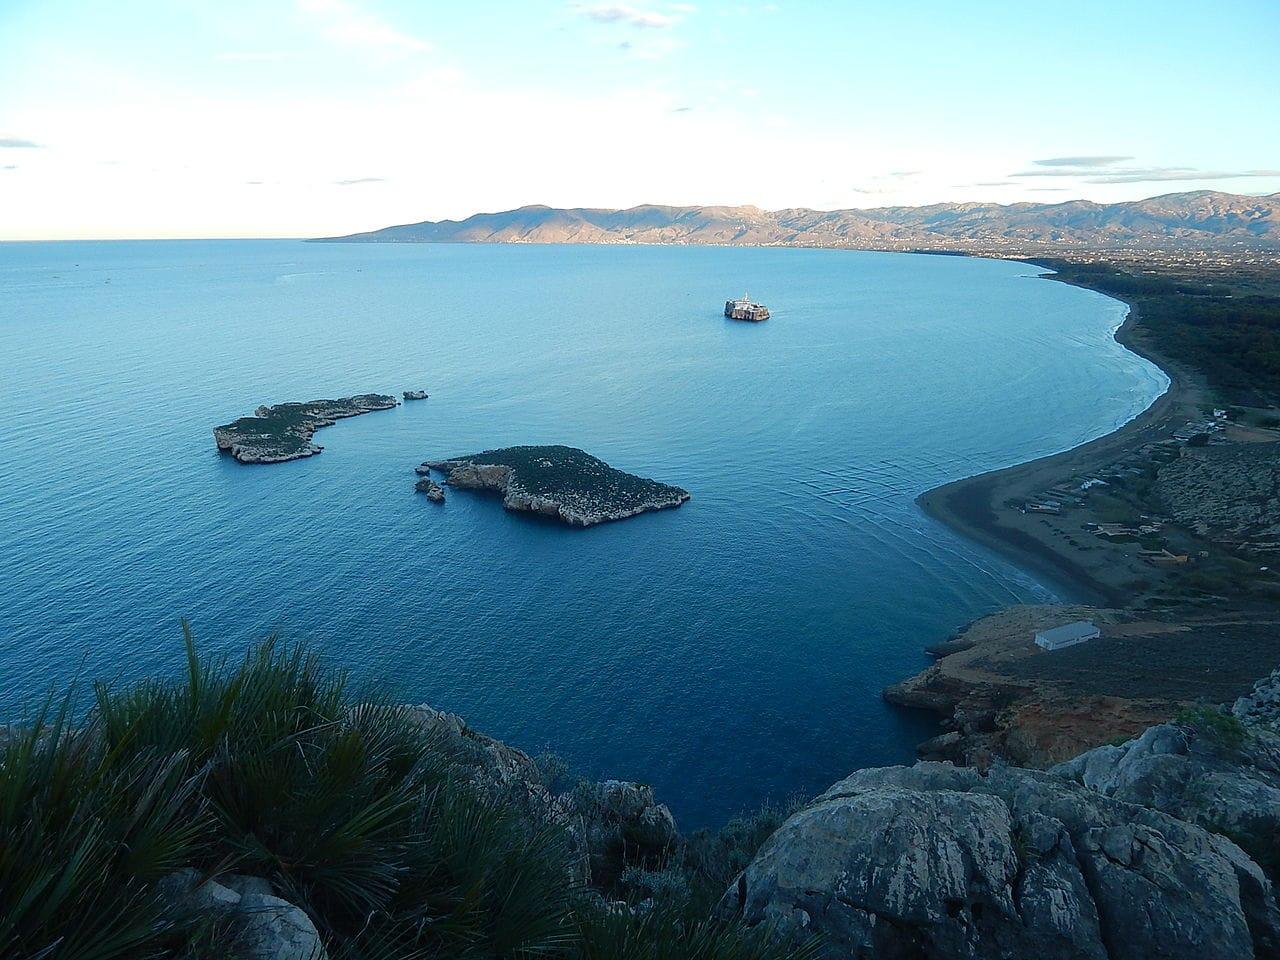 صورة لجزر الحسيمة والساحل المغربي المتوسطي بسلسلة جبال الريف شمال المغرب